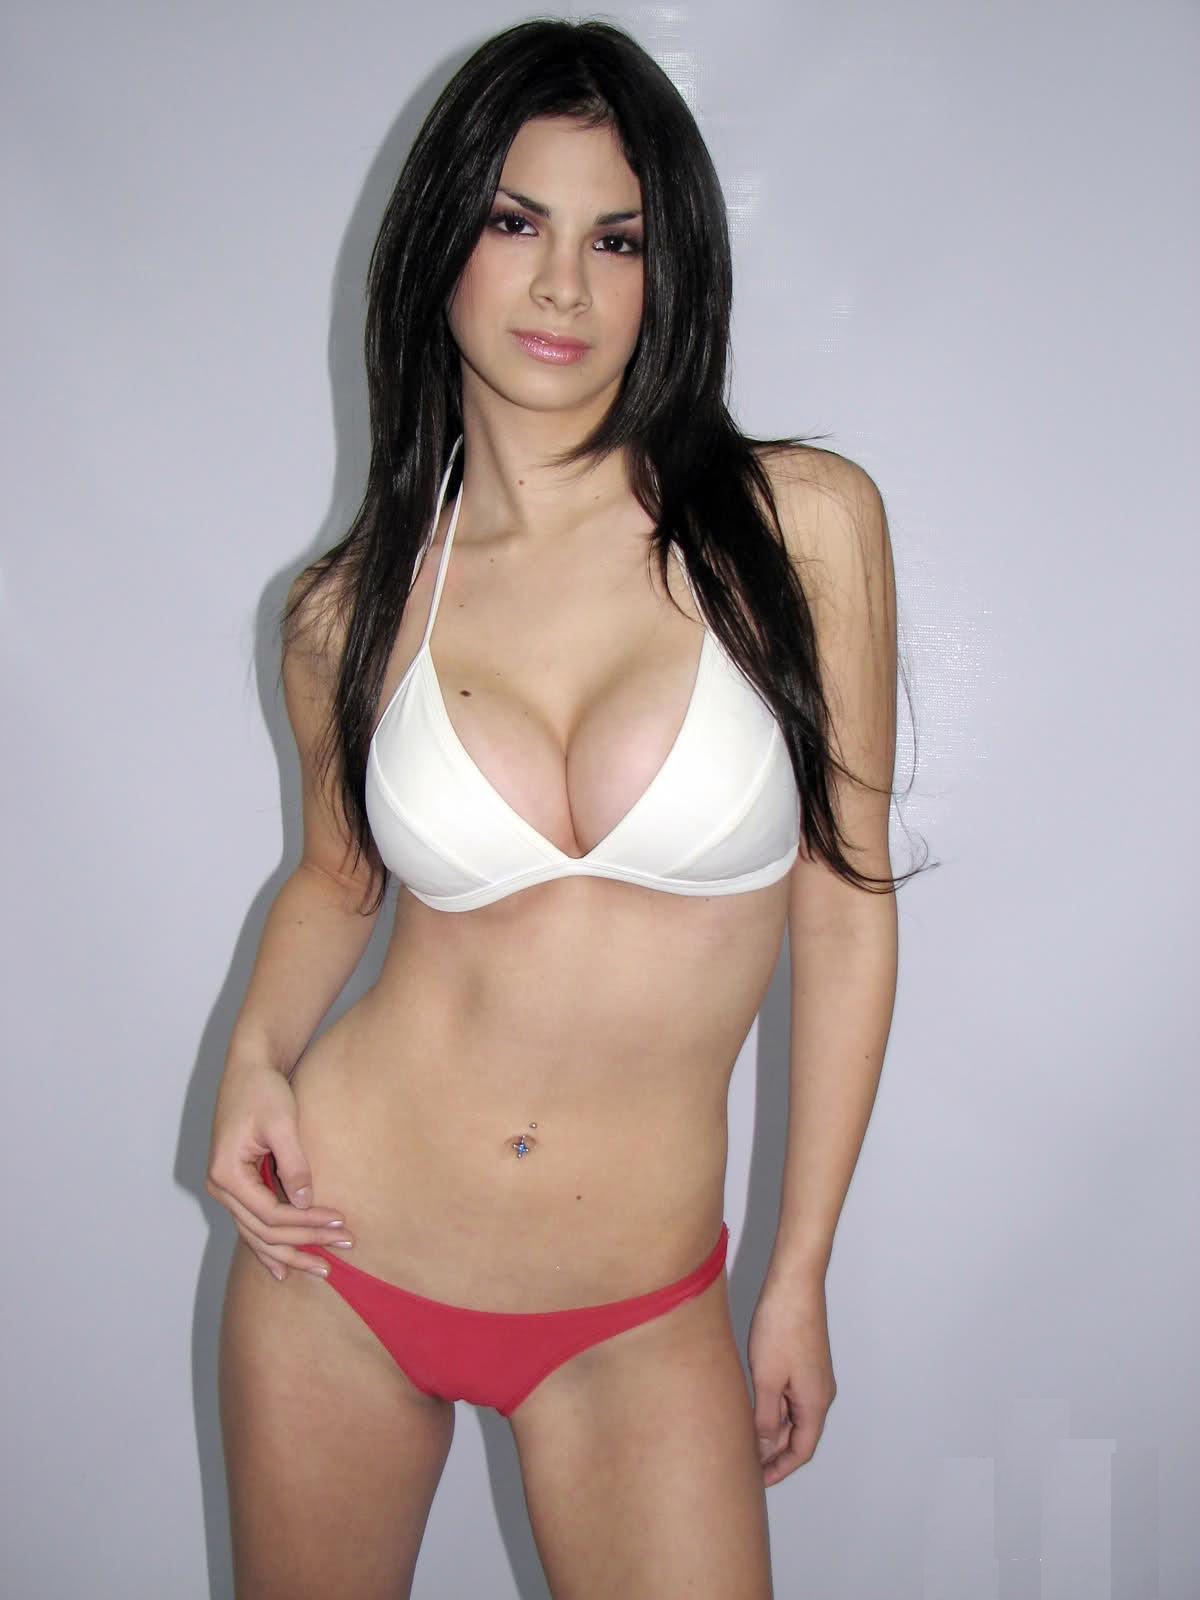 brasil putas peruanas calientes